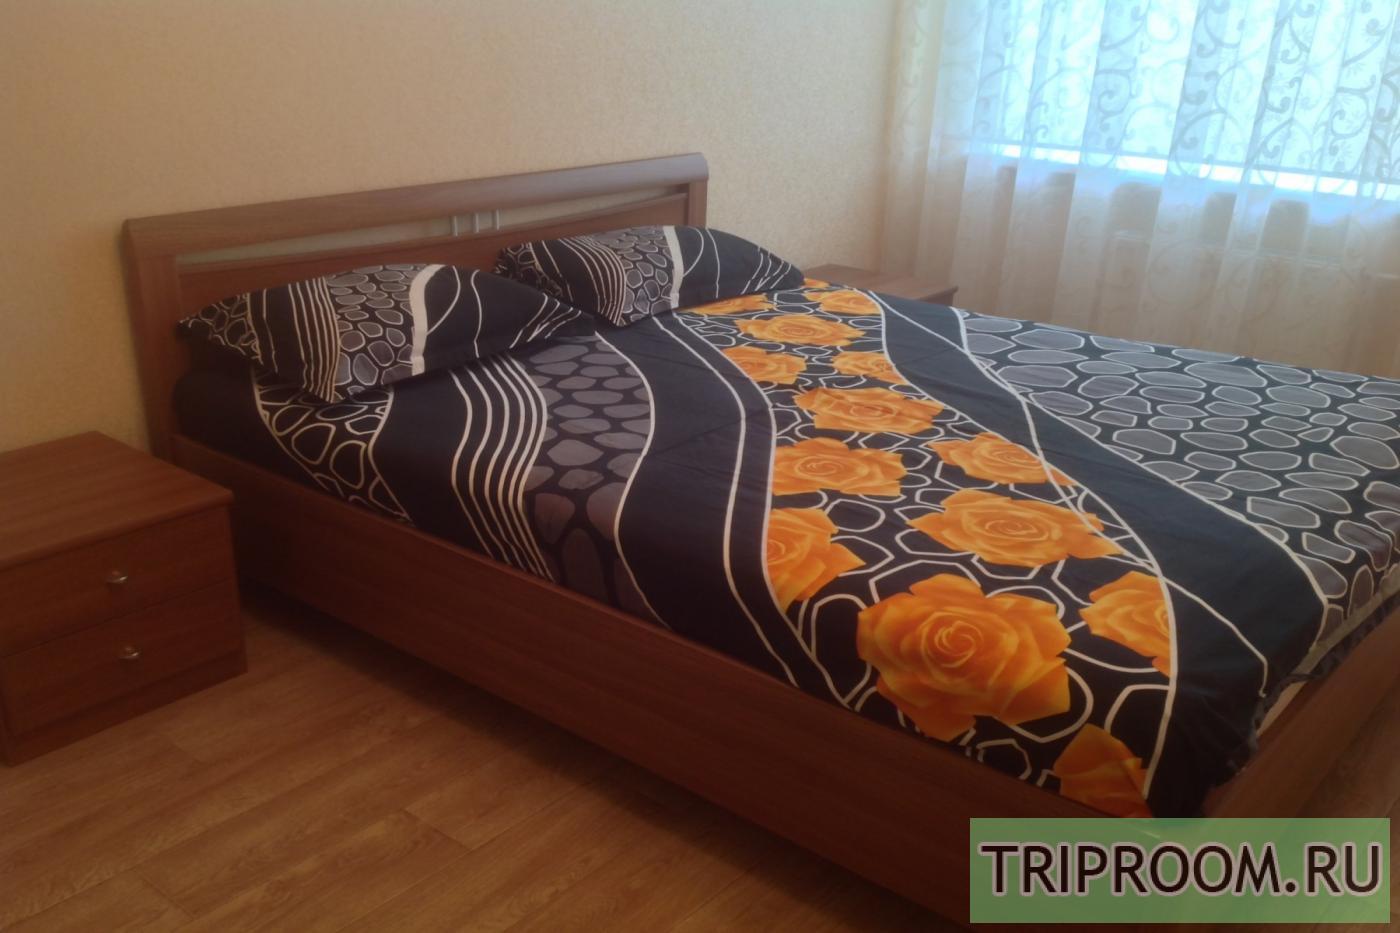 1-комнатная квартира посуточно (вариант № 29228), ул. Ново-Садовая улица, фото № 5